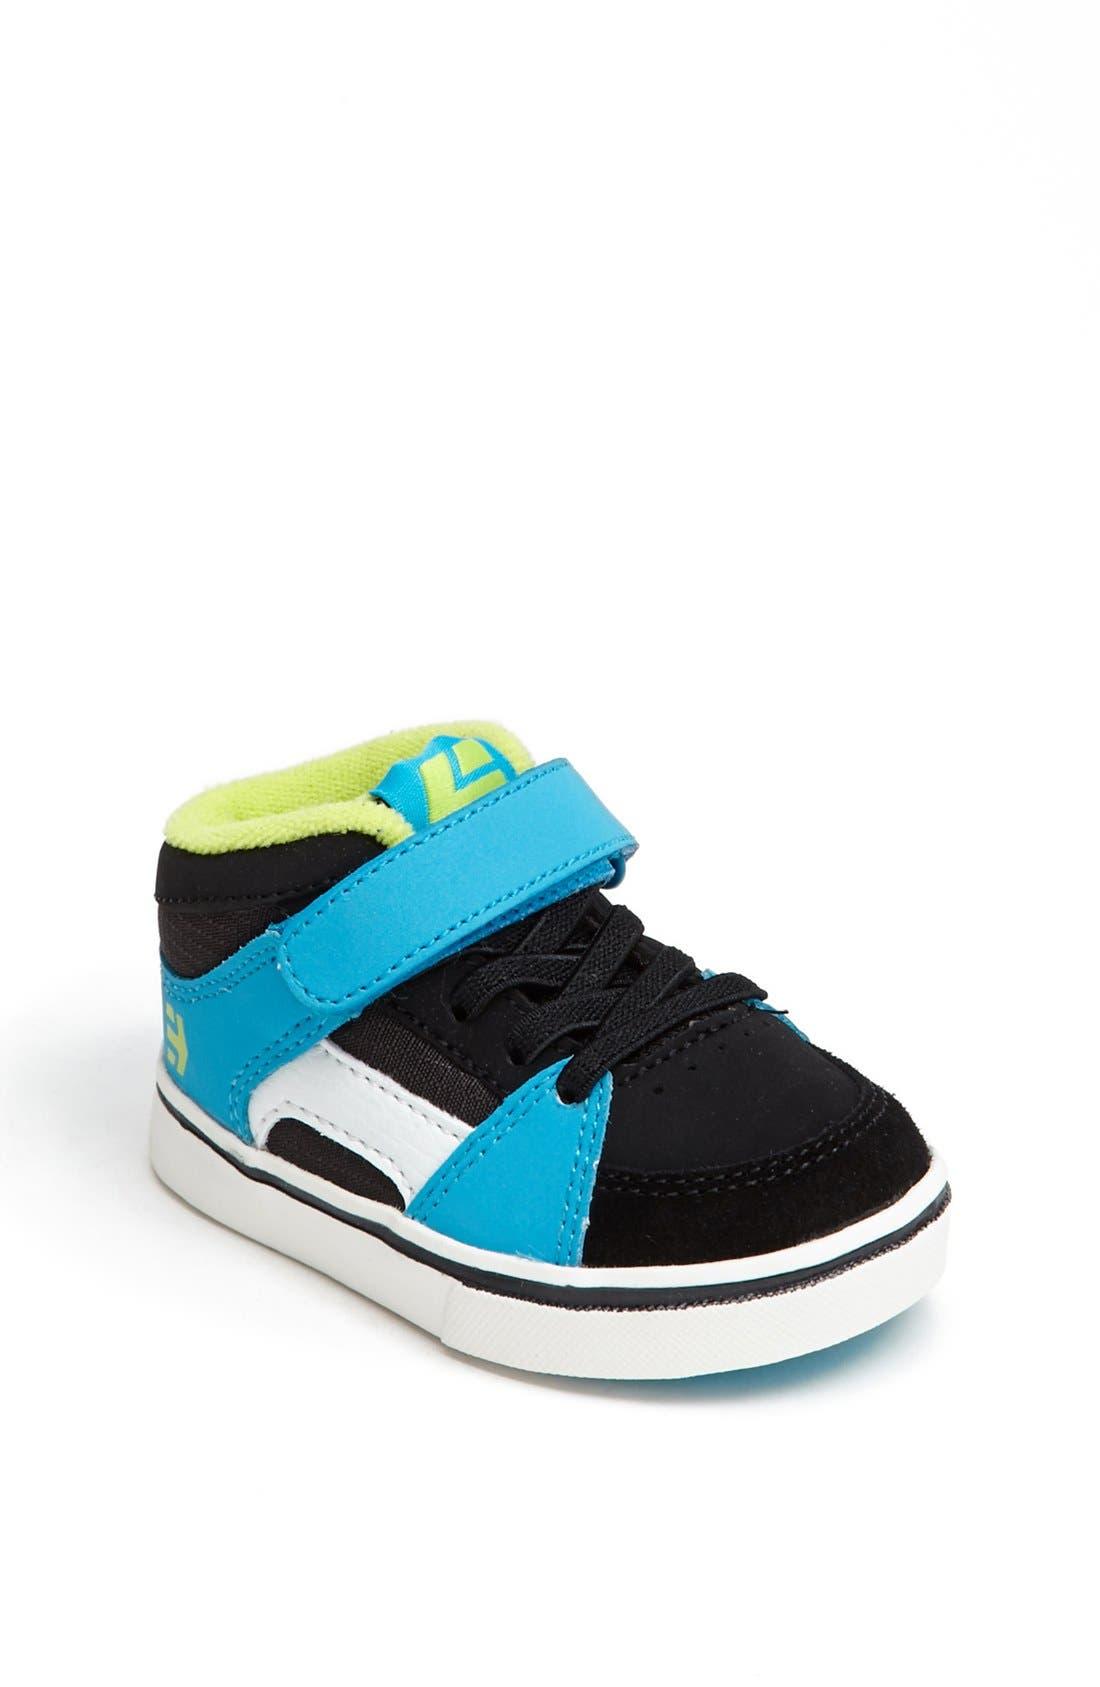 Alternate Image 1 Selected - Etnies 'RVM' Strap Sneaker (Walker & Toddler)